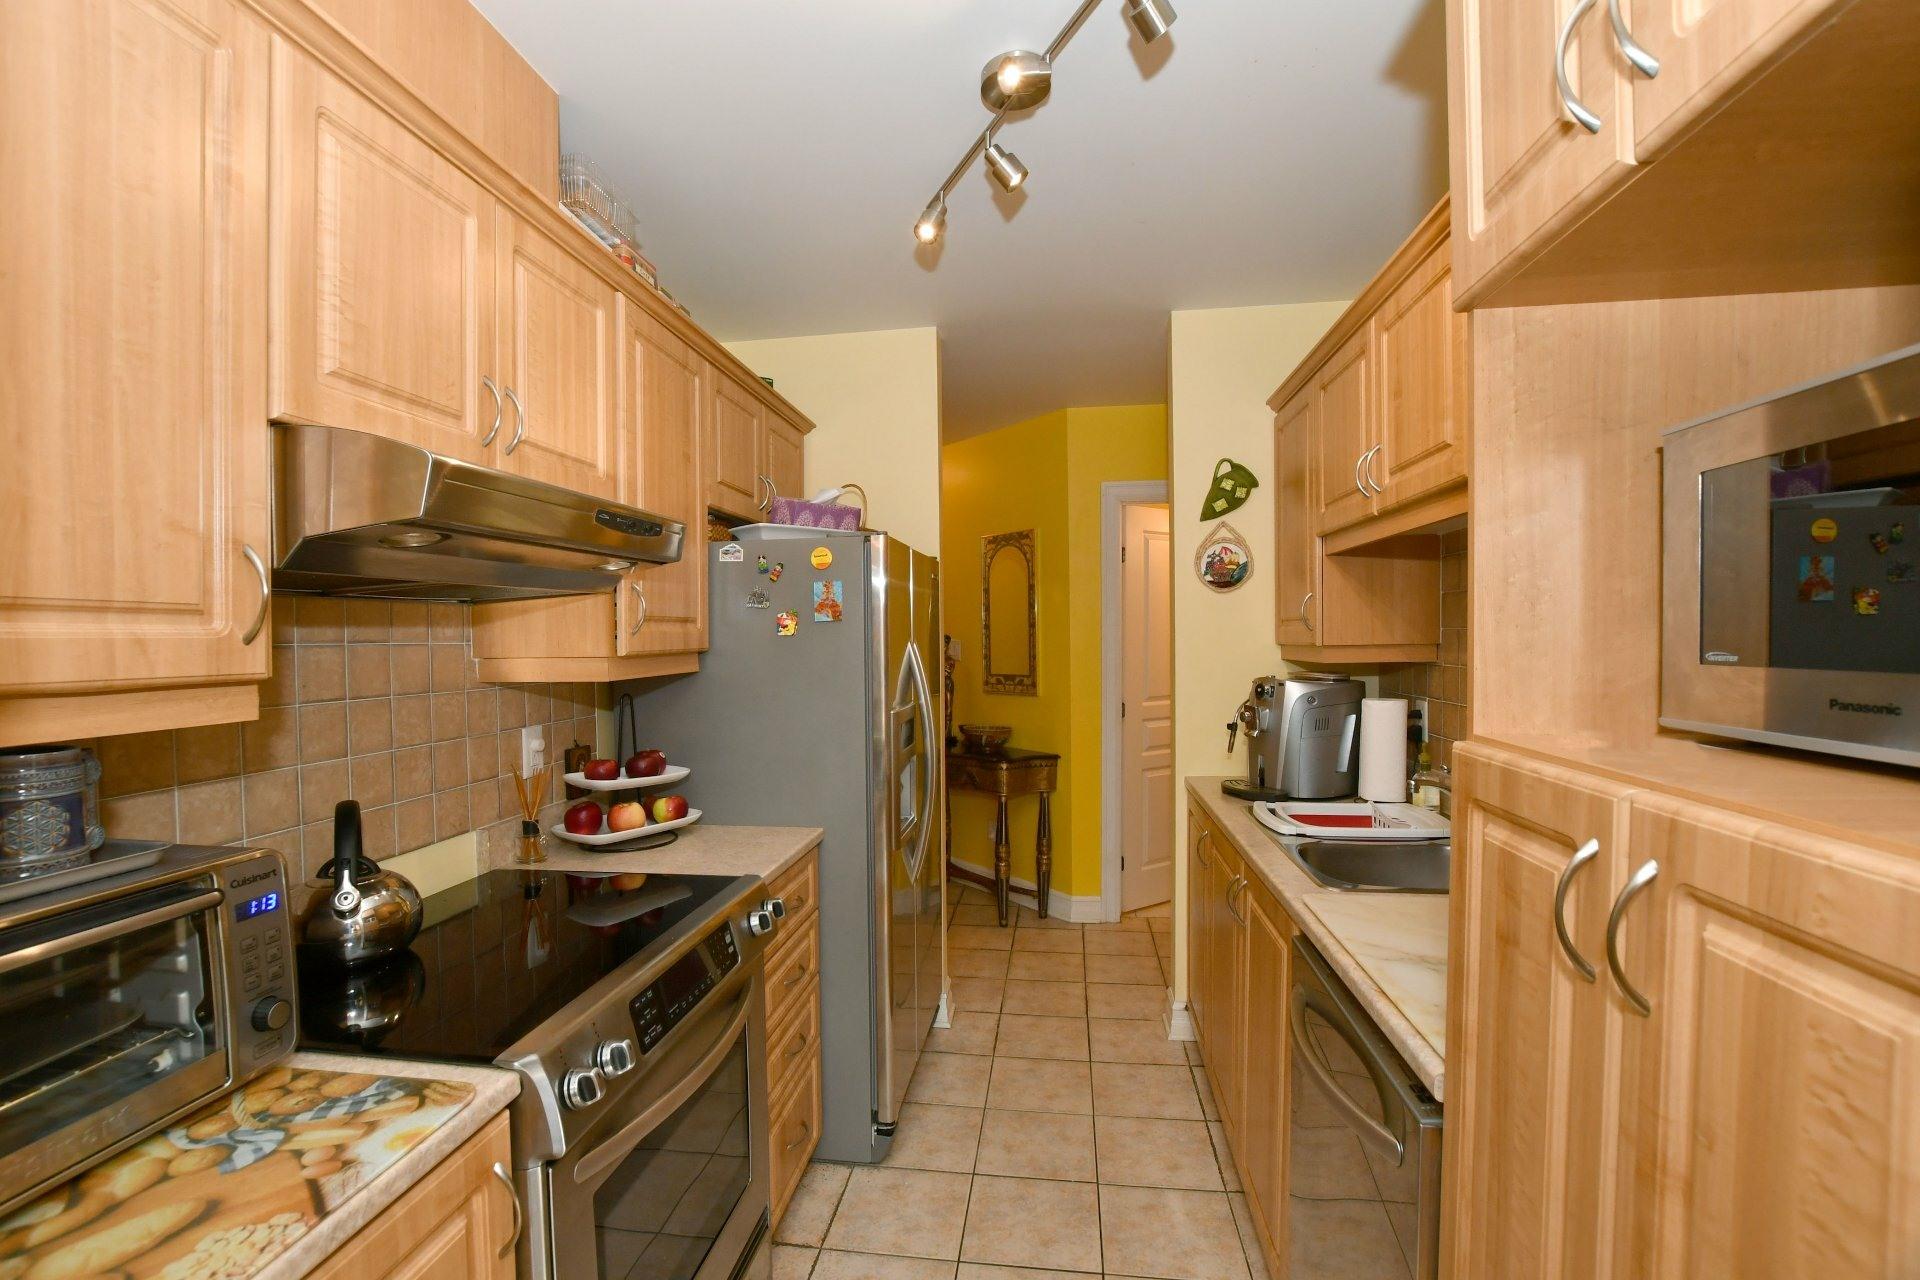 image 7 - Apartment For sale Saint-Laurent Montréal  - 5 rooms